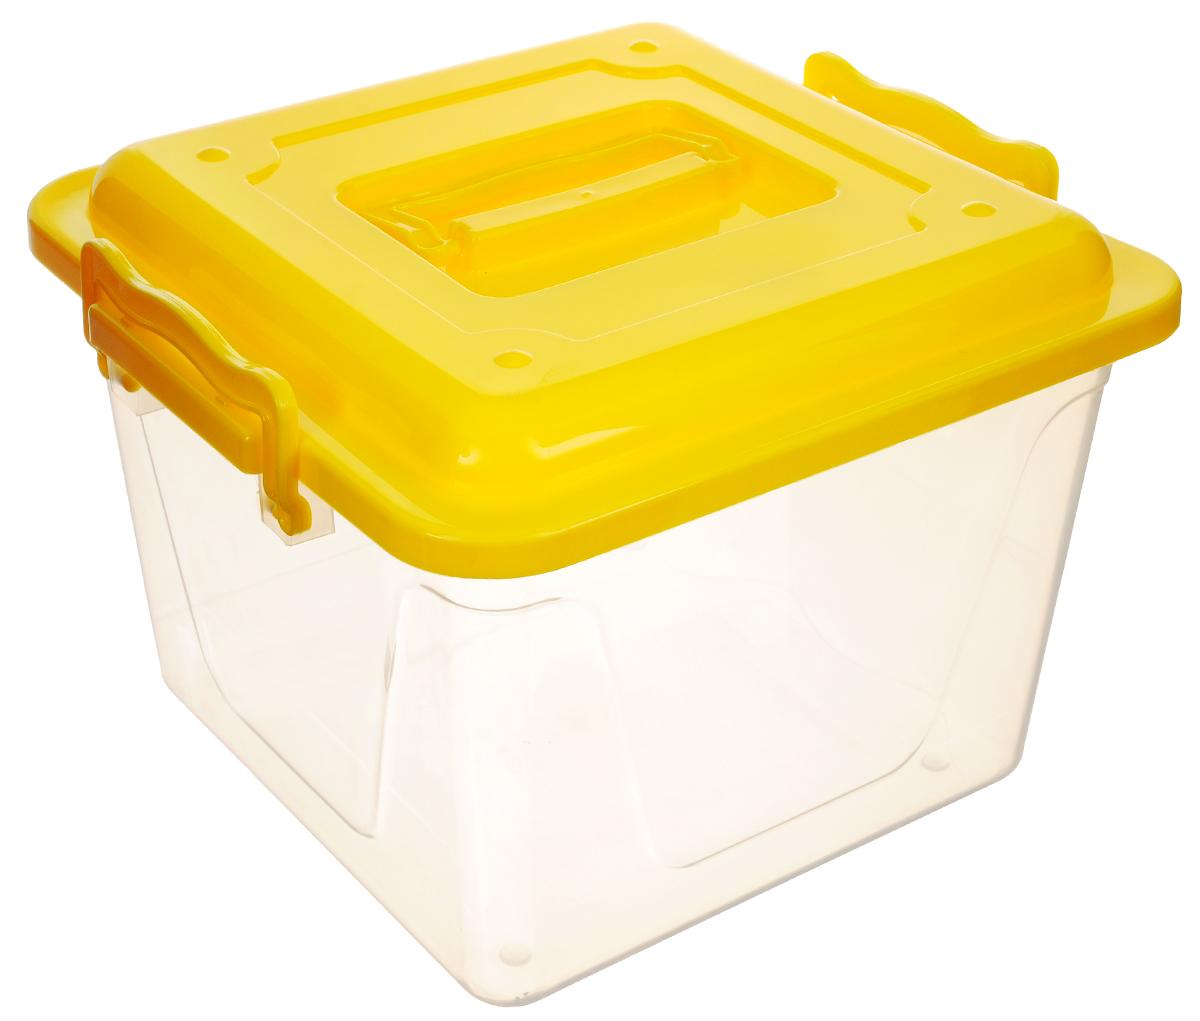 Контейнер Альтернатива, цвет: прозрачный, желтый, 8,5 лМ1032Контейнер Альтернатива прекрасно подойдет для хранения небольших игрушек, инструментов, швейных принадлежностей и многого другого. Он изготовлен из высококачественного пластика. Контейнер плотно закрывается крышкой с двумя защелками. Удобный и легкий контейнер позволит вам хранить вещи в полном порядке, а благодаря современному дизайну он впишется в любой интерьер. Контейнер имеет компактные размеры, поэтому не занимает много места. Размер (с учетом крышки): 26 х 27 х 20,5 см.